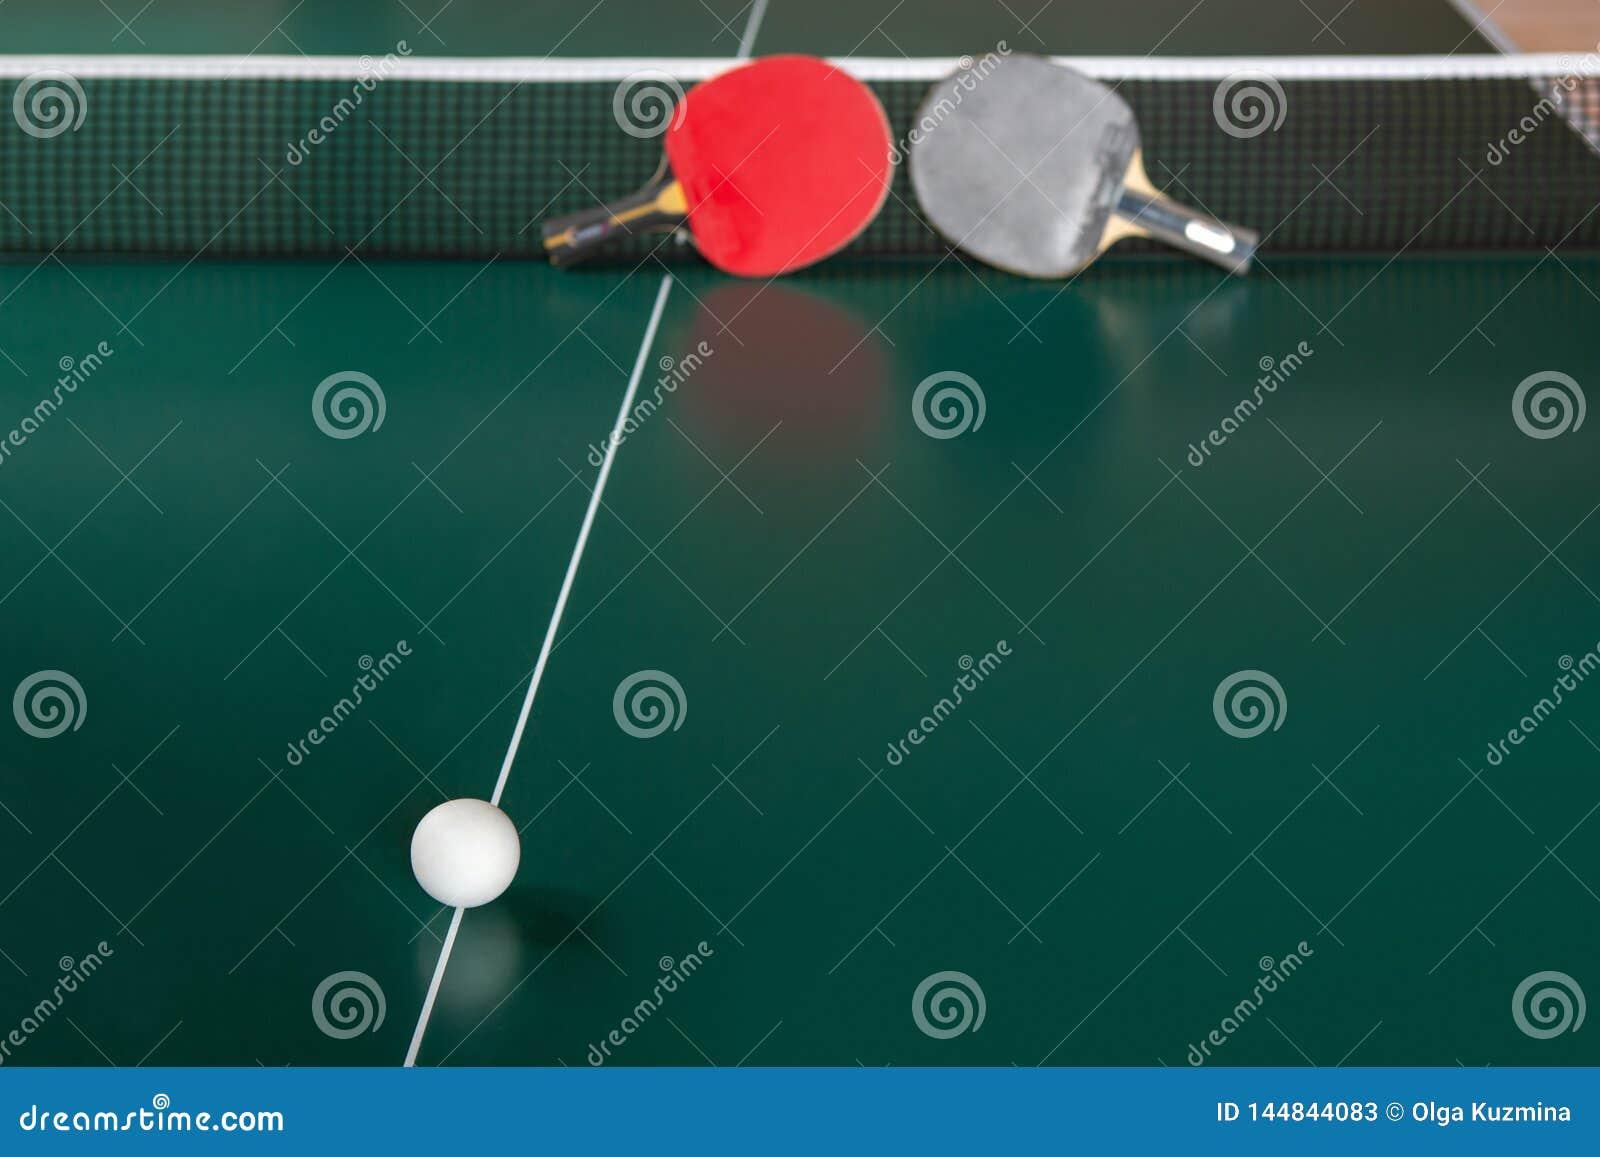 两副乒乓球球拍和一个球在一个选材台上